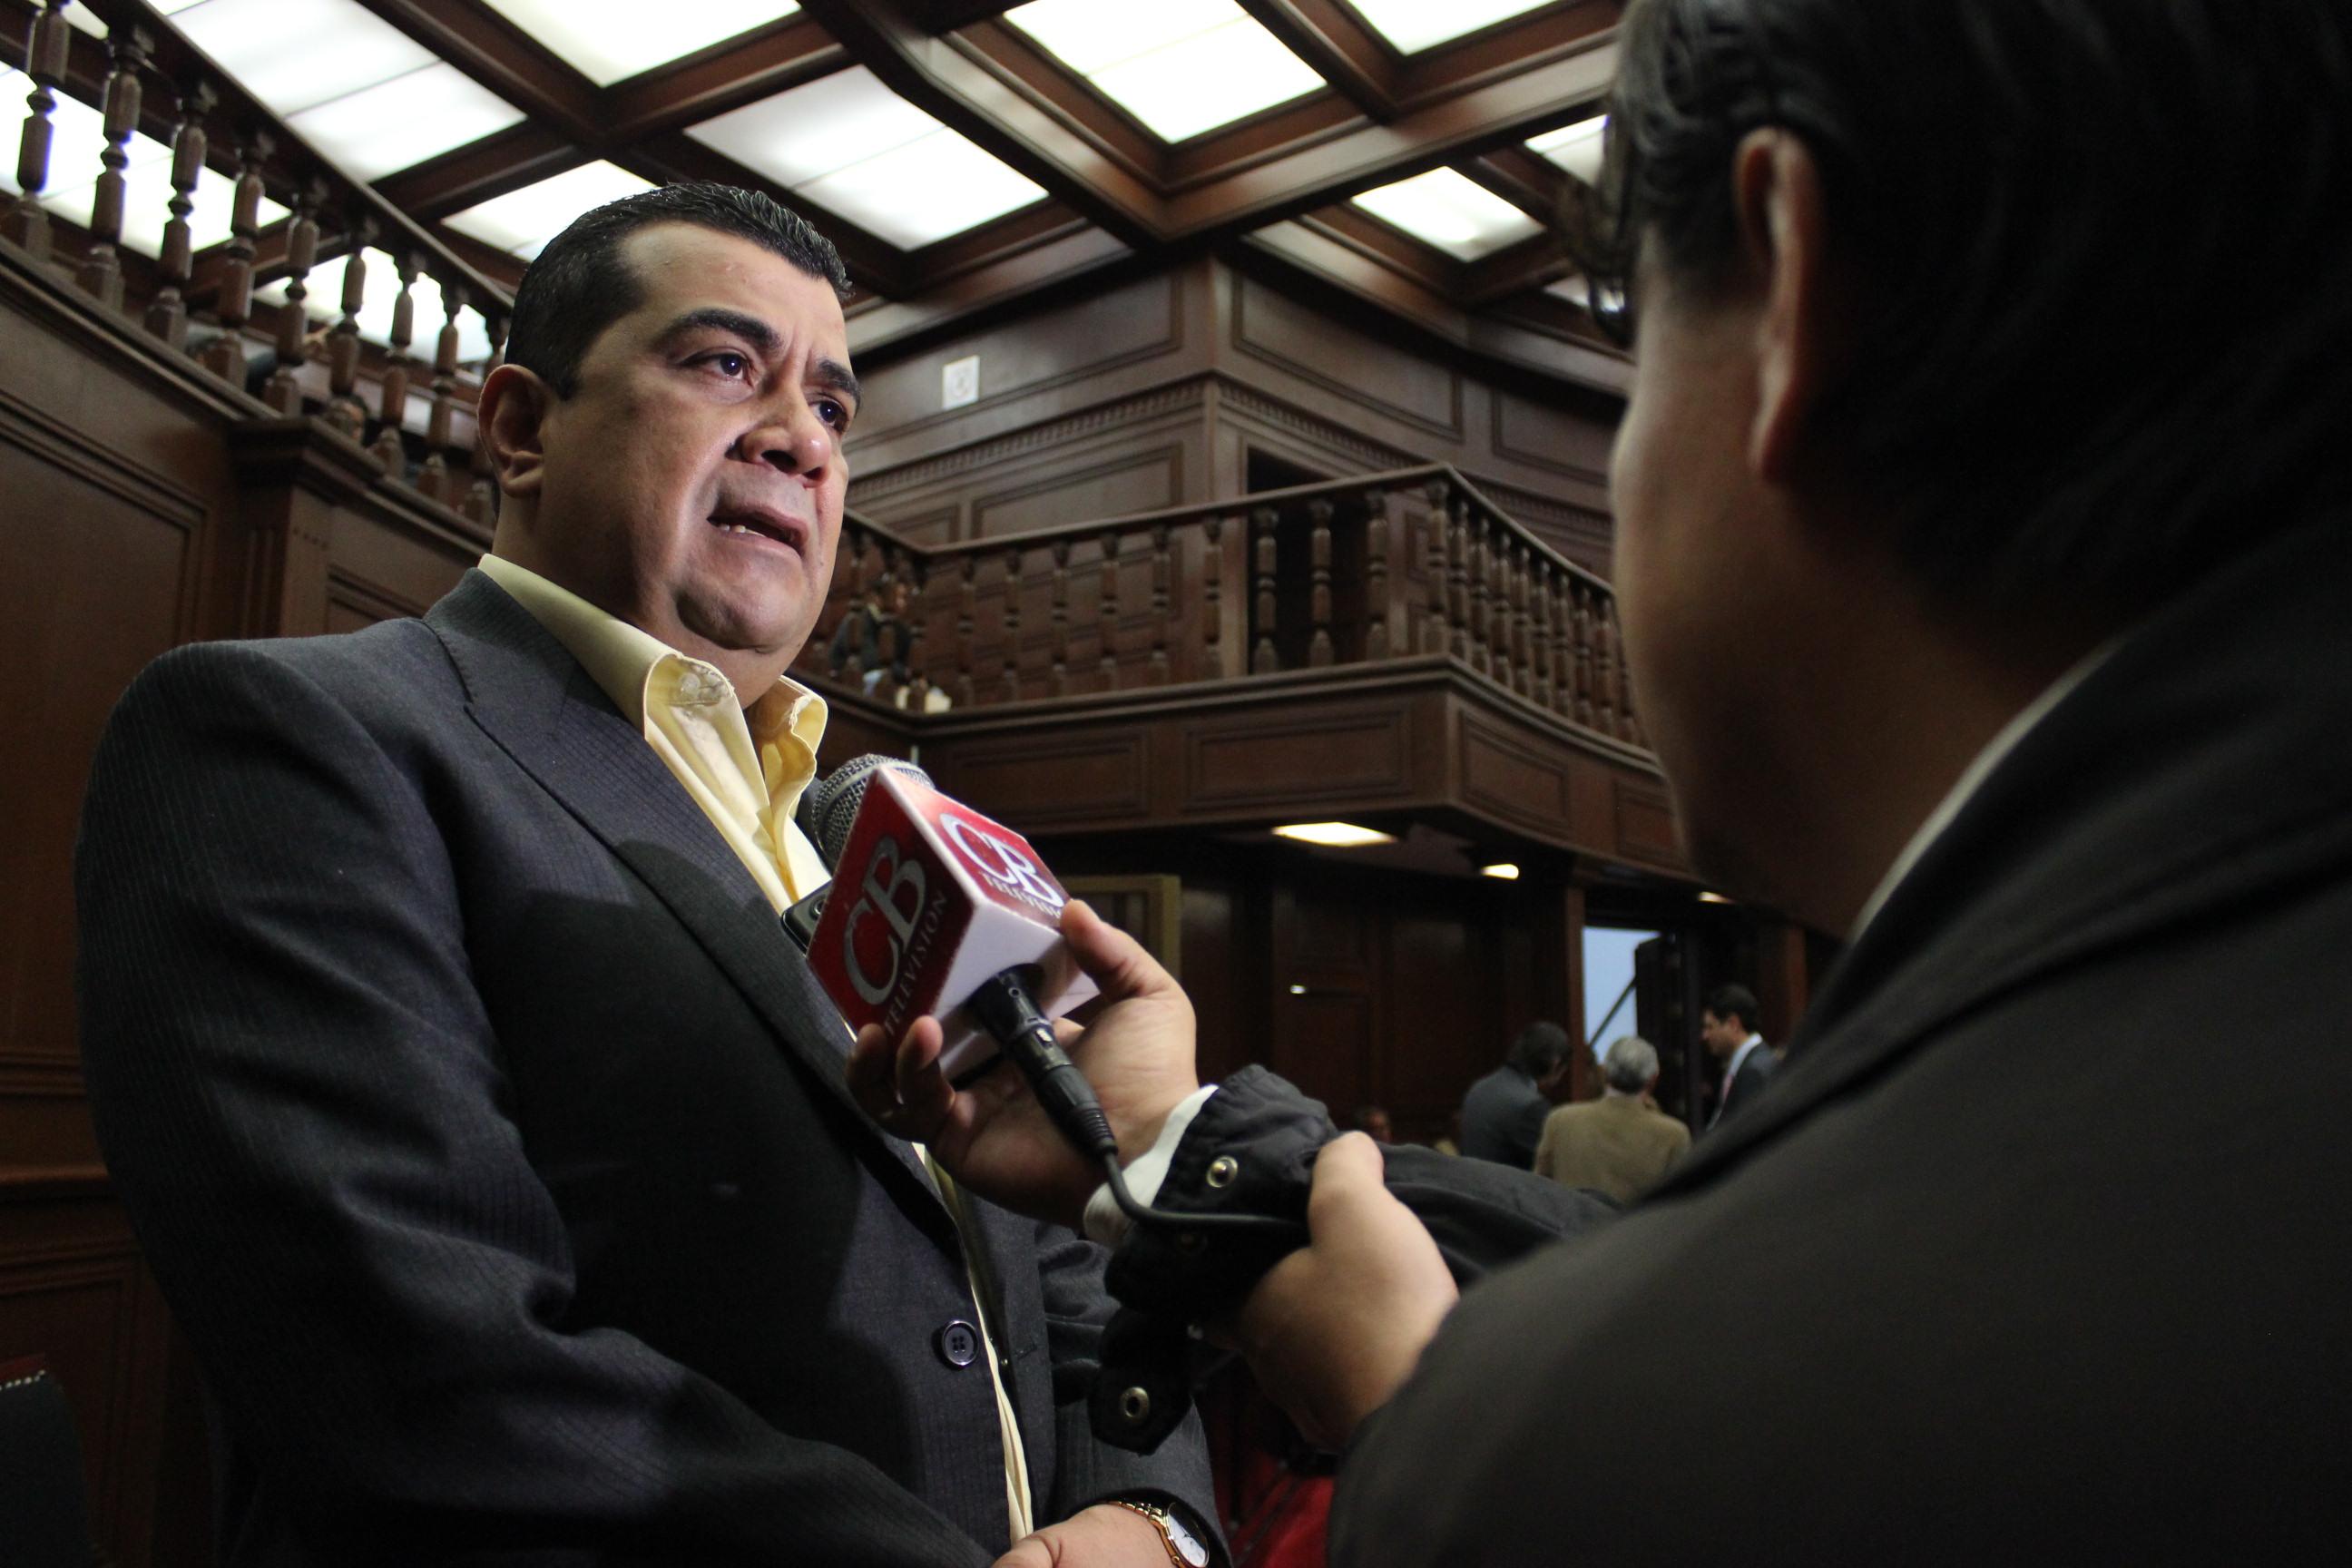 La salud no fue prioritaria para el gobierno  de Michoacán en el 2012: Elías Ibarra